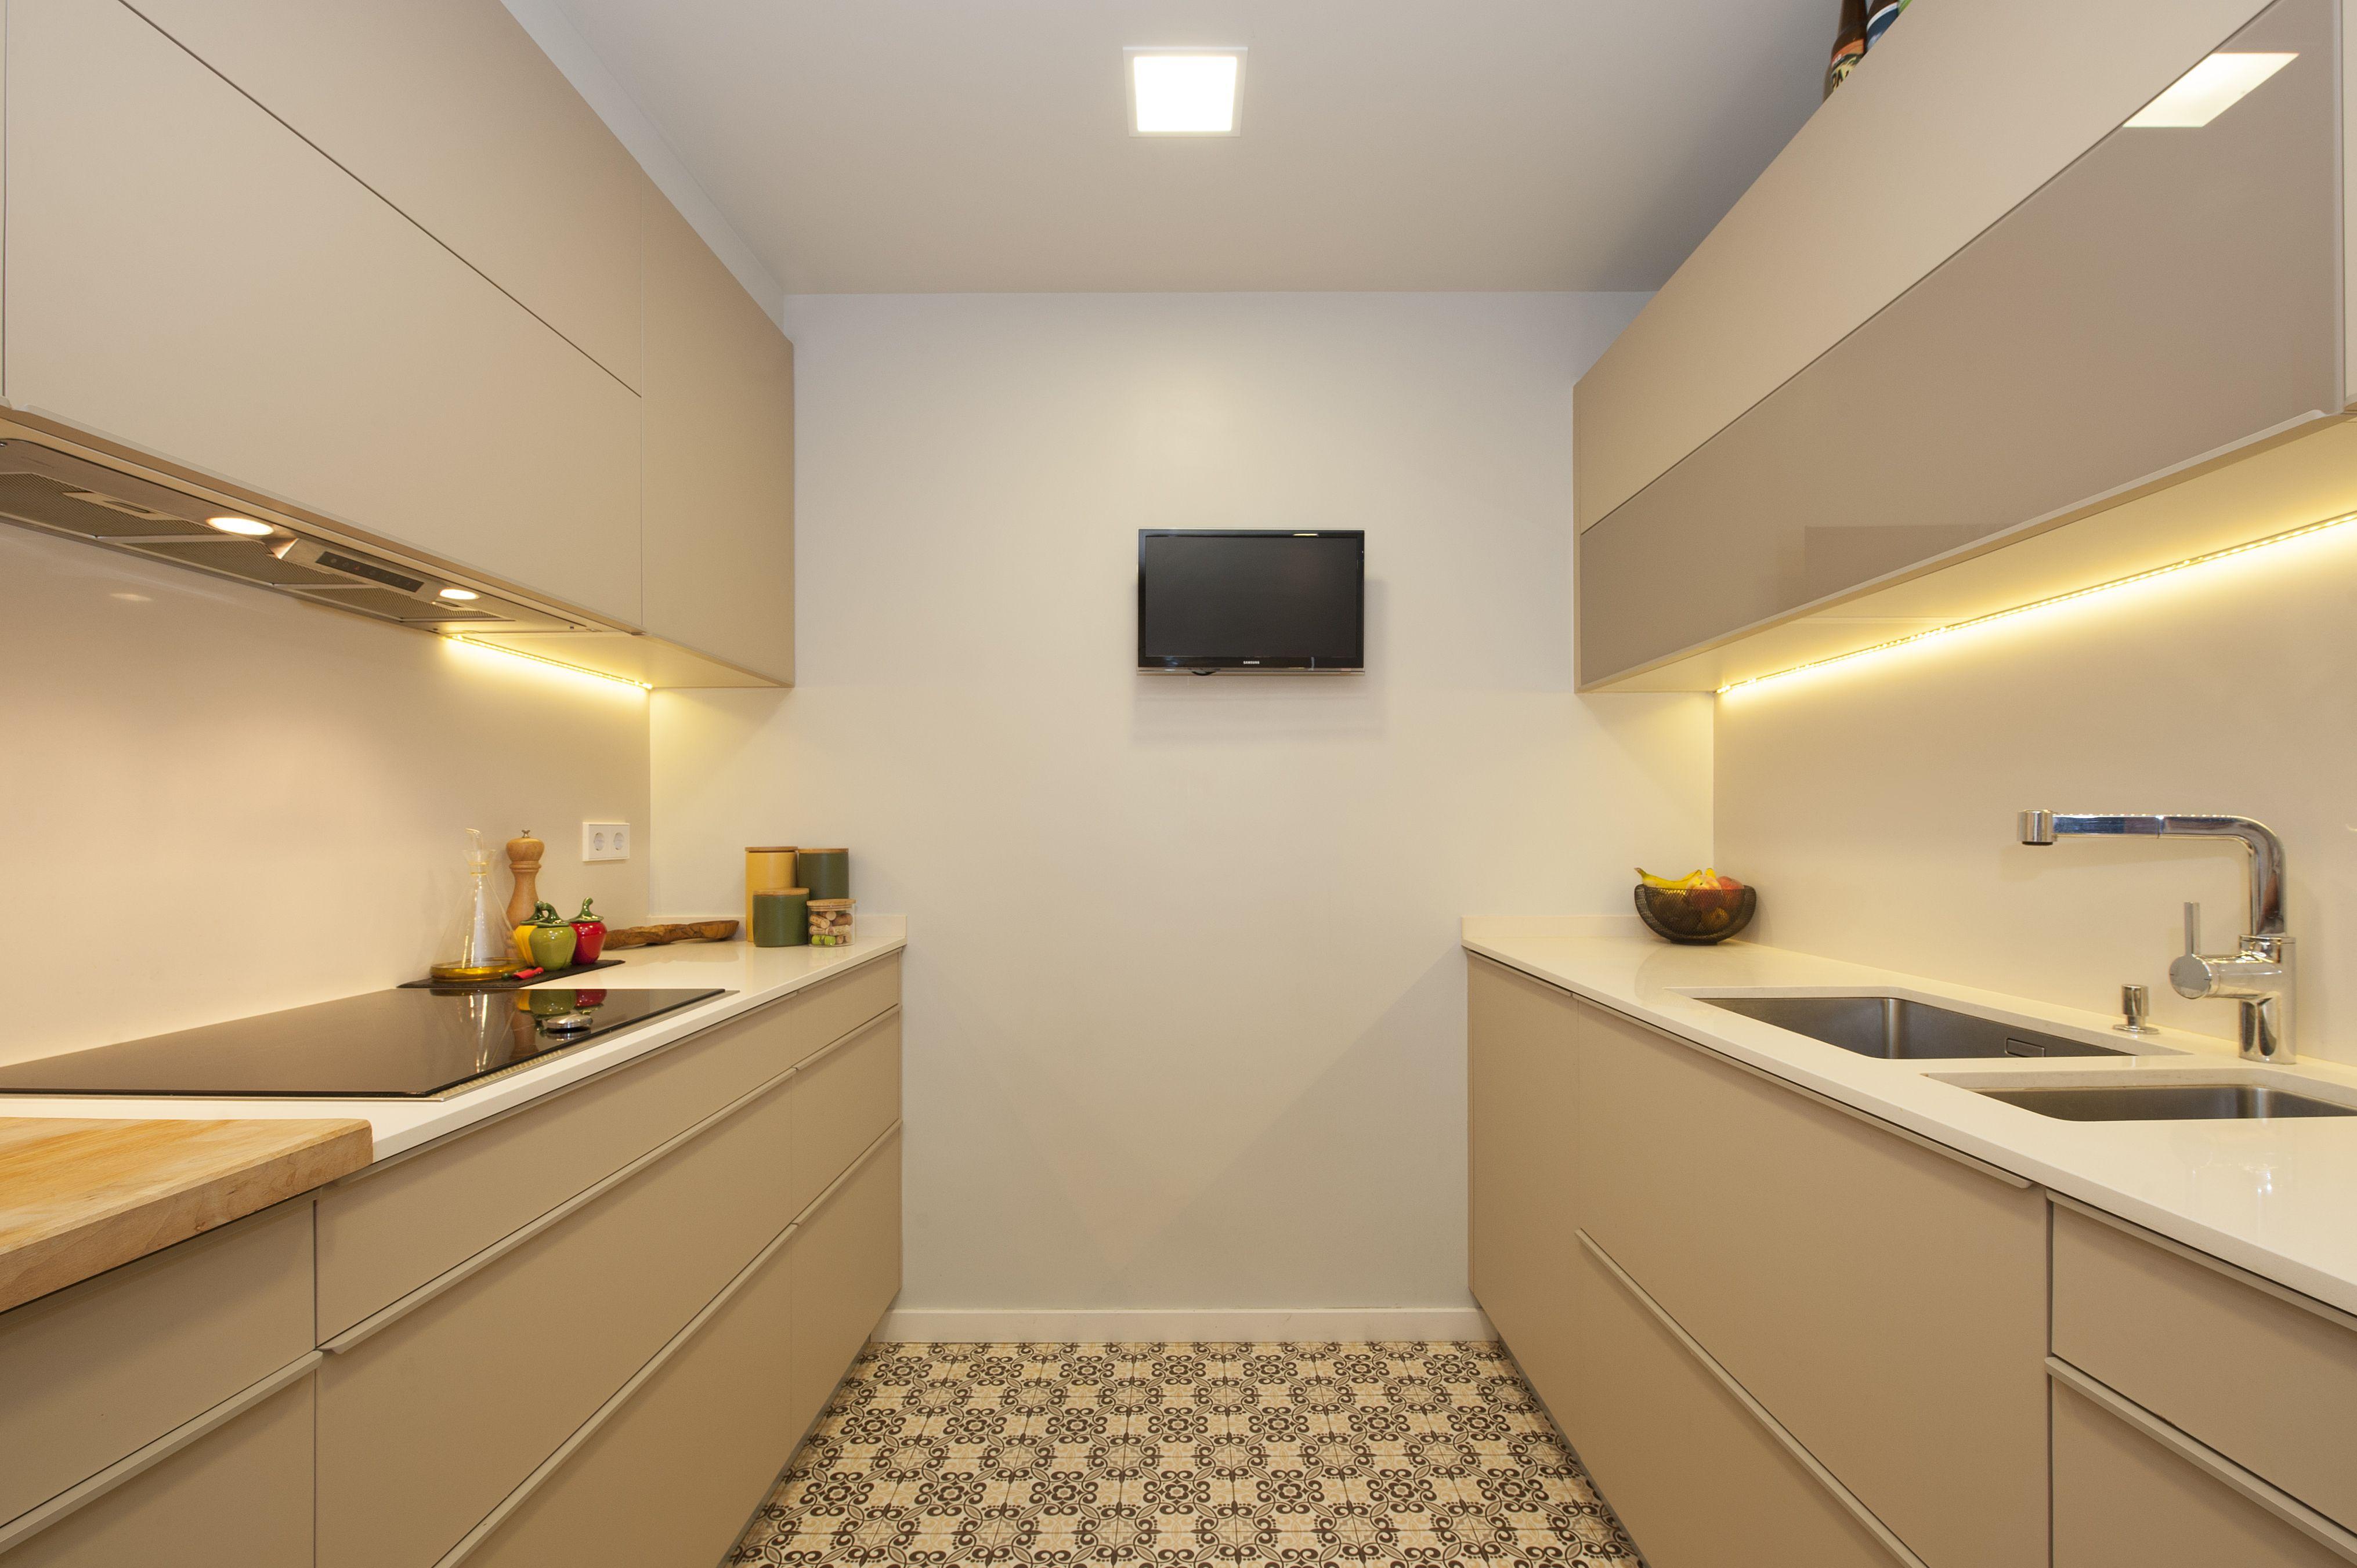 Cocina moderna en paralelo pavimento hidr ulico dise o for Cocinas modernas barcelona